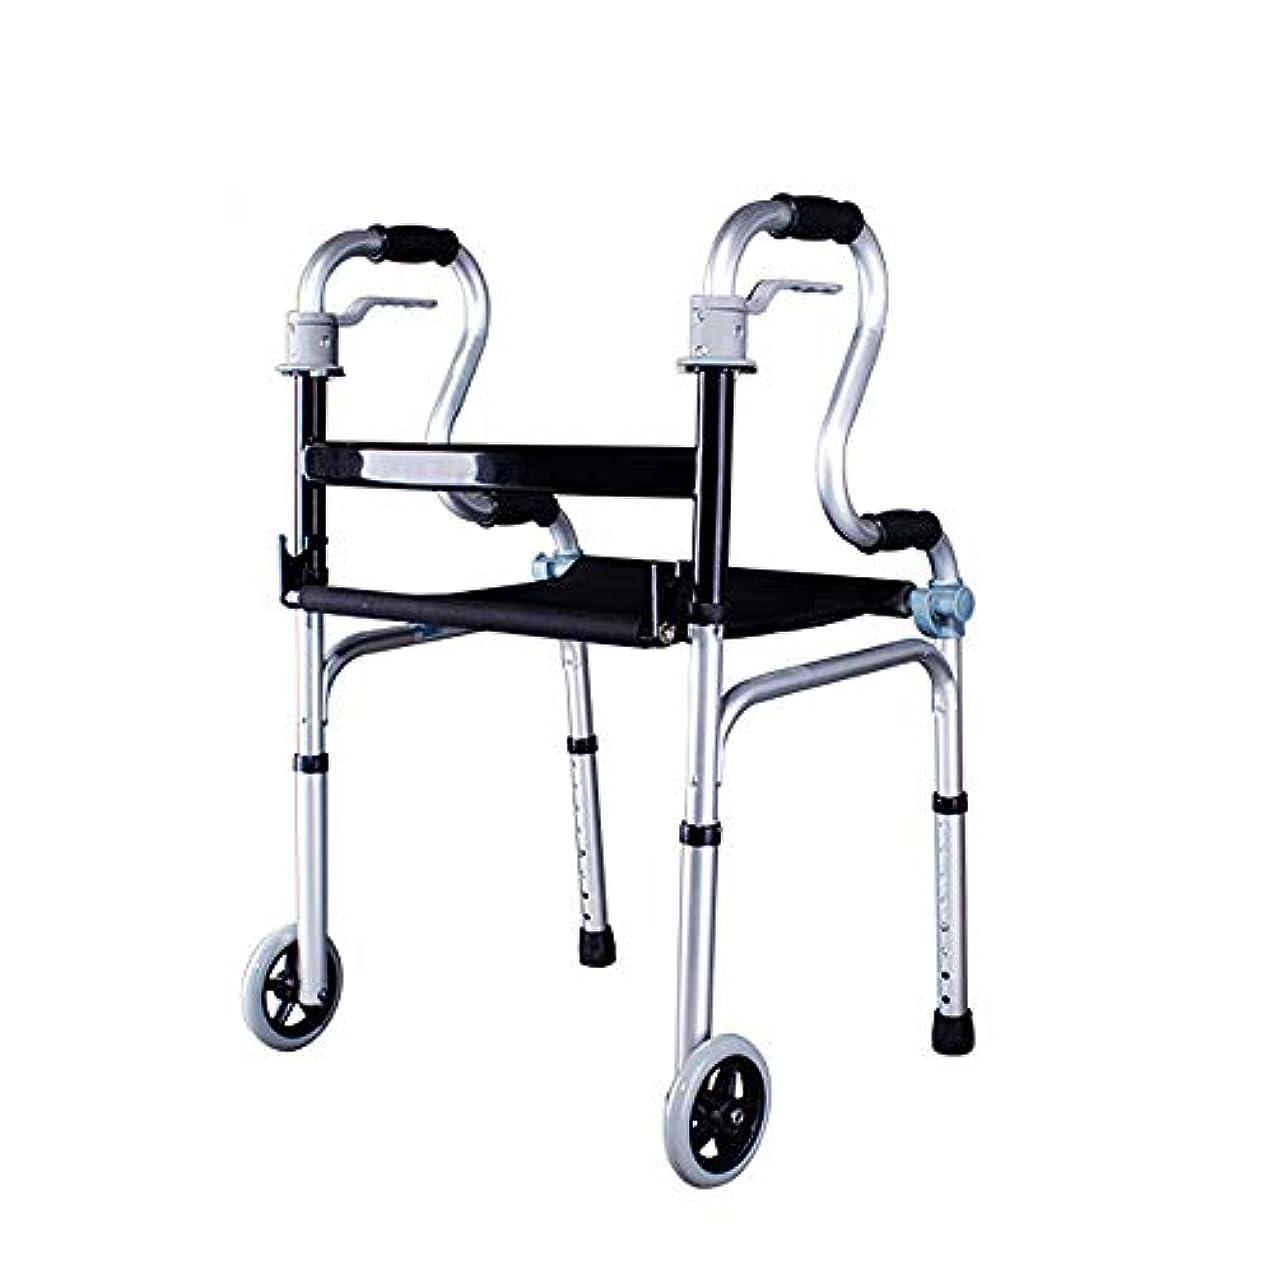 からに変化する魂挽くポータブルウォーカー|高齢者用アルミローラーウォーカー|マウサー日本調整式補助歩行フレーム|マウサー日本滑り止め軽量|シート付き|障害者および下肢の術後のリハビリテーション